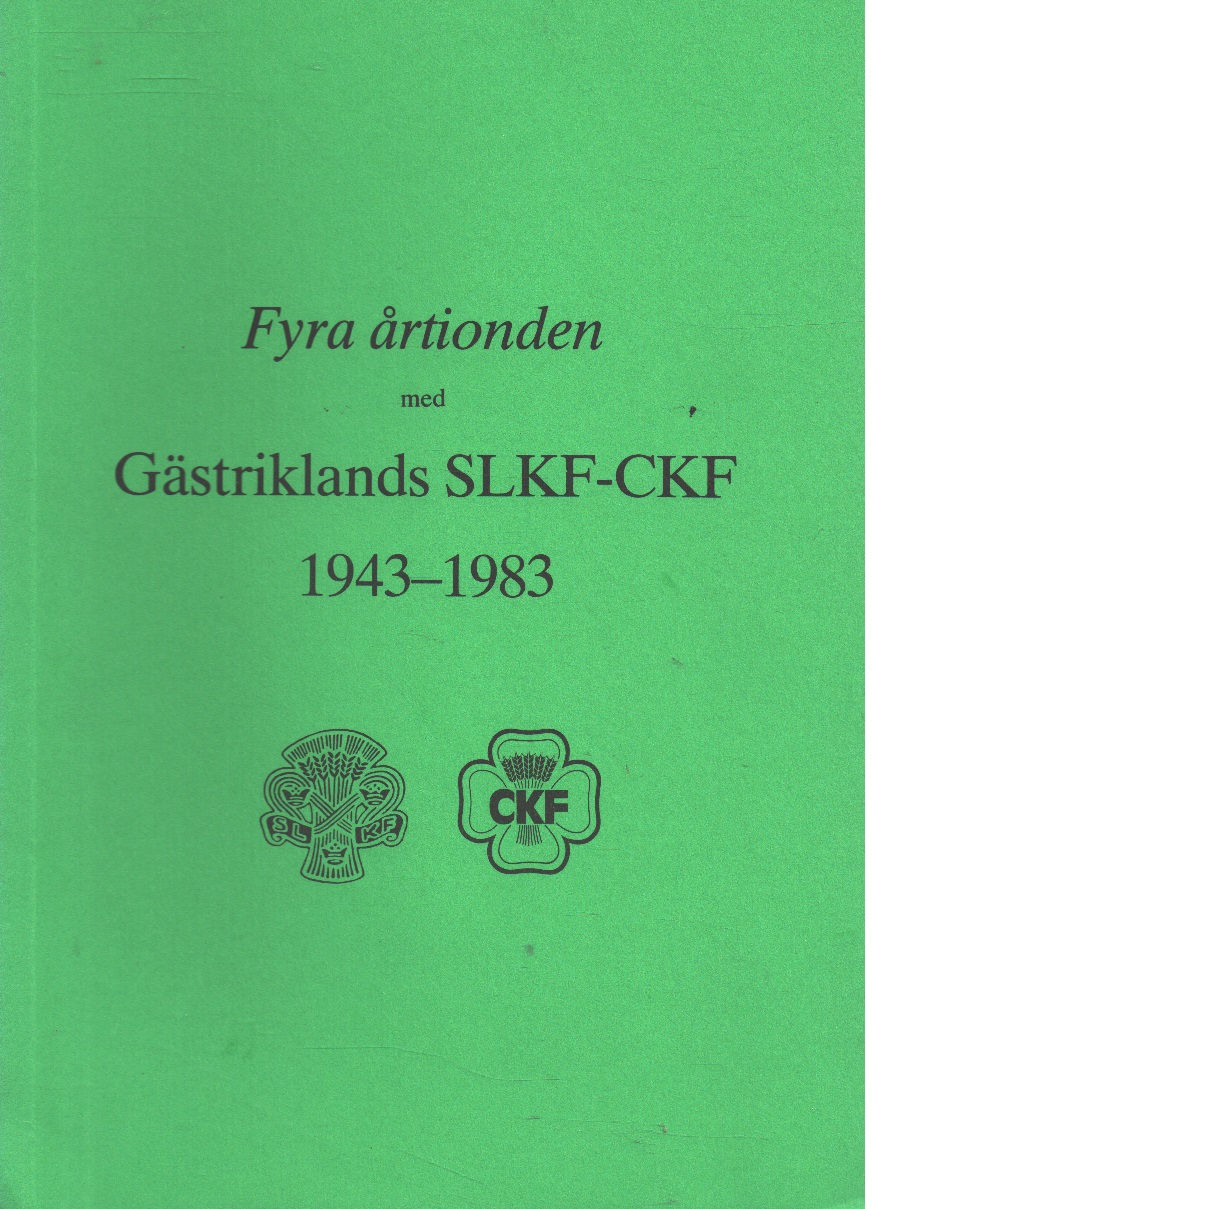 Fyra årtionden med Gästriklands SLKF-CKF : 1943-1983 - Forssell, Birgitta